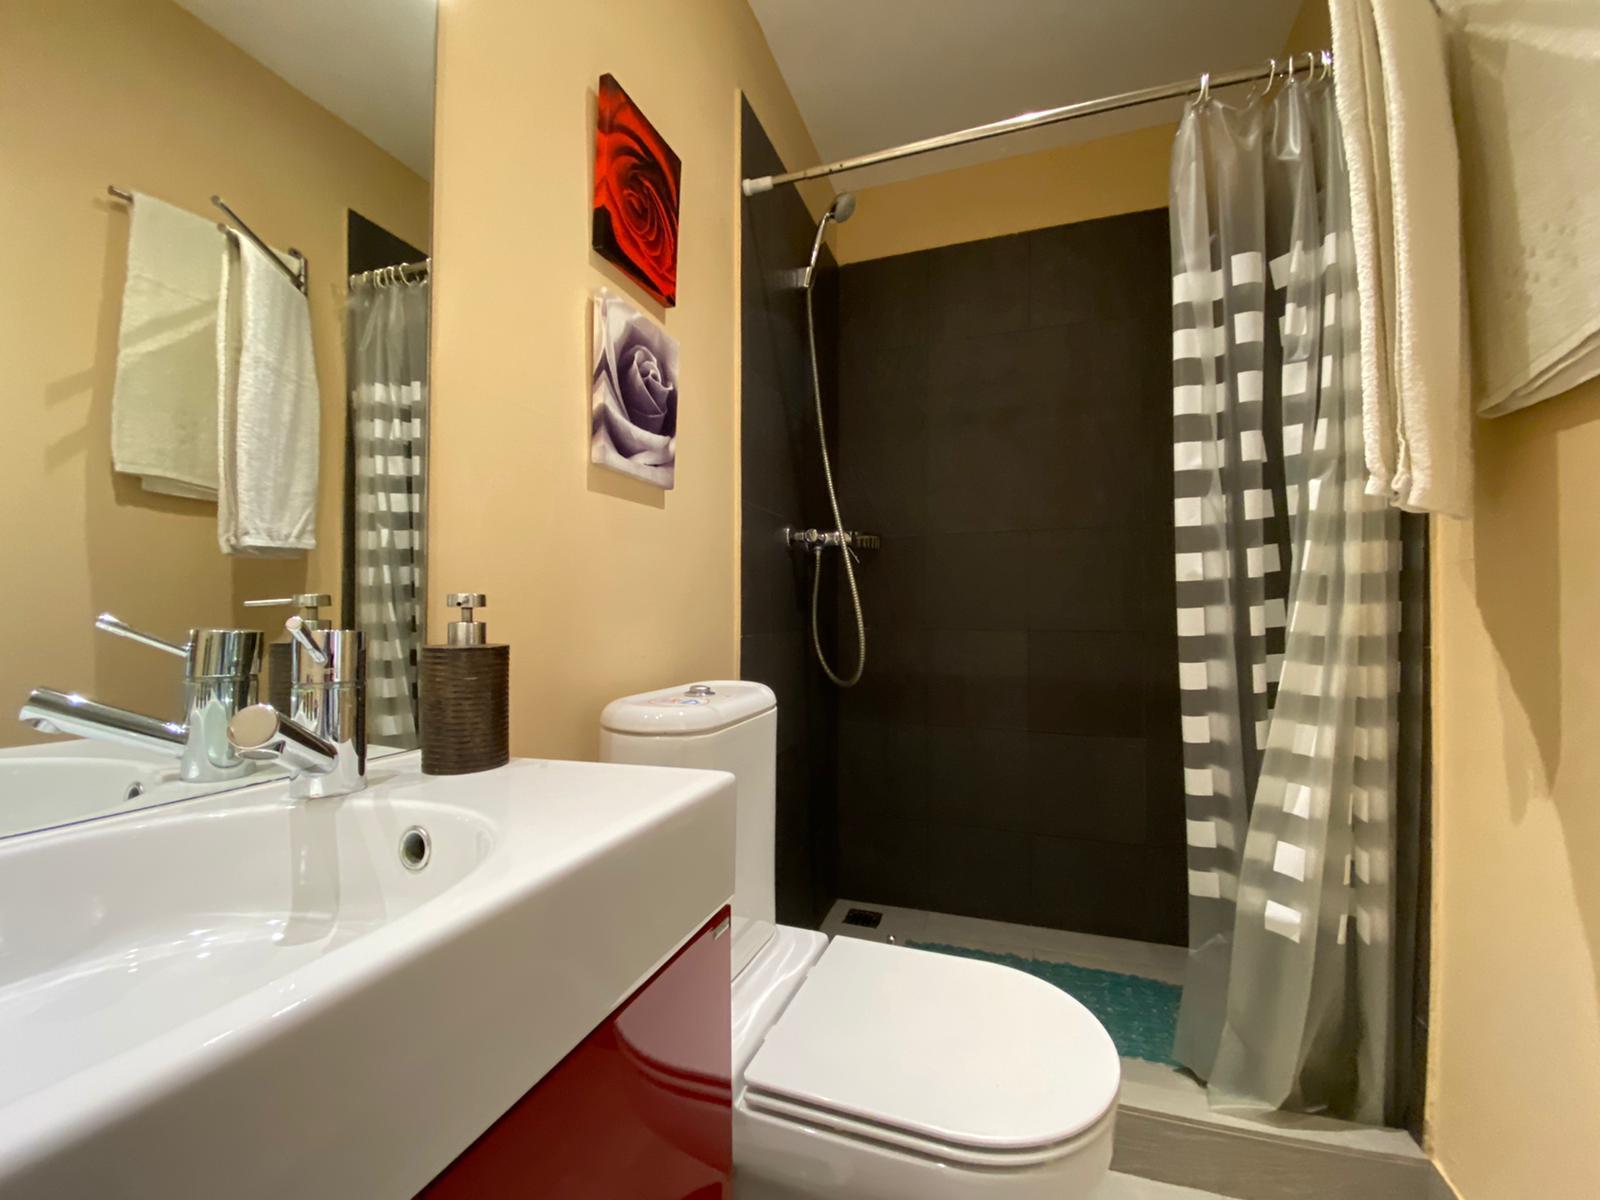 Imagen 17 del Apartamento Turístico, Ático 8 Poniente (3d+2b), Punta del Moral (HUELVA), Paseo de la Cruz nº22